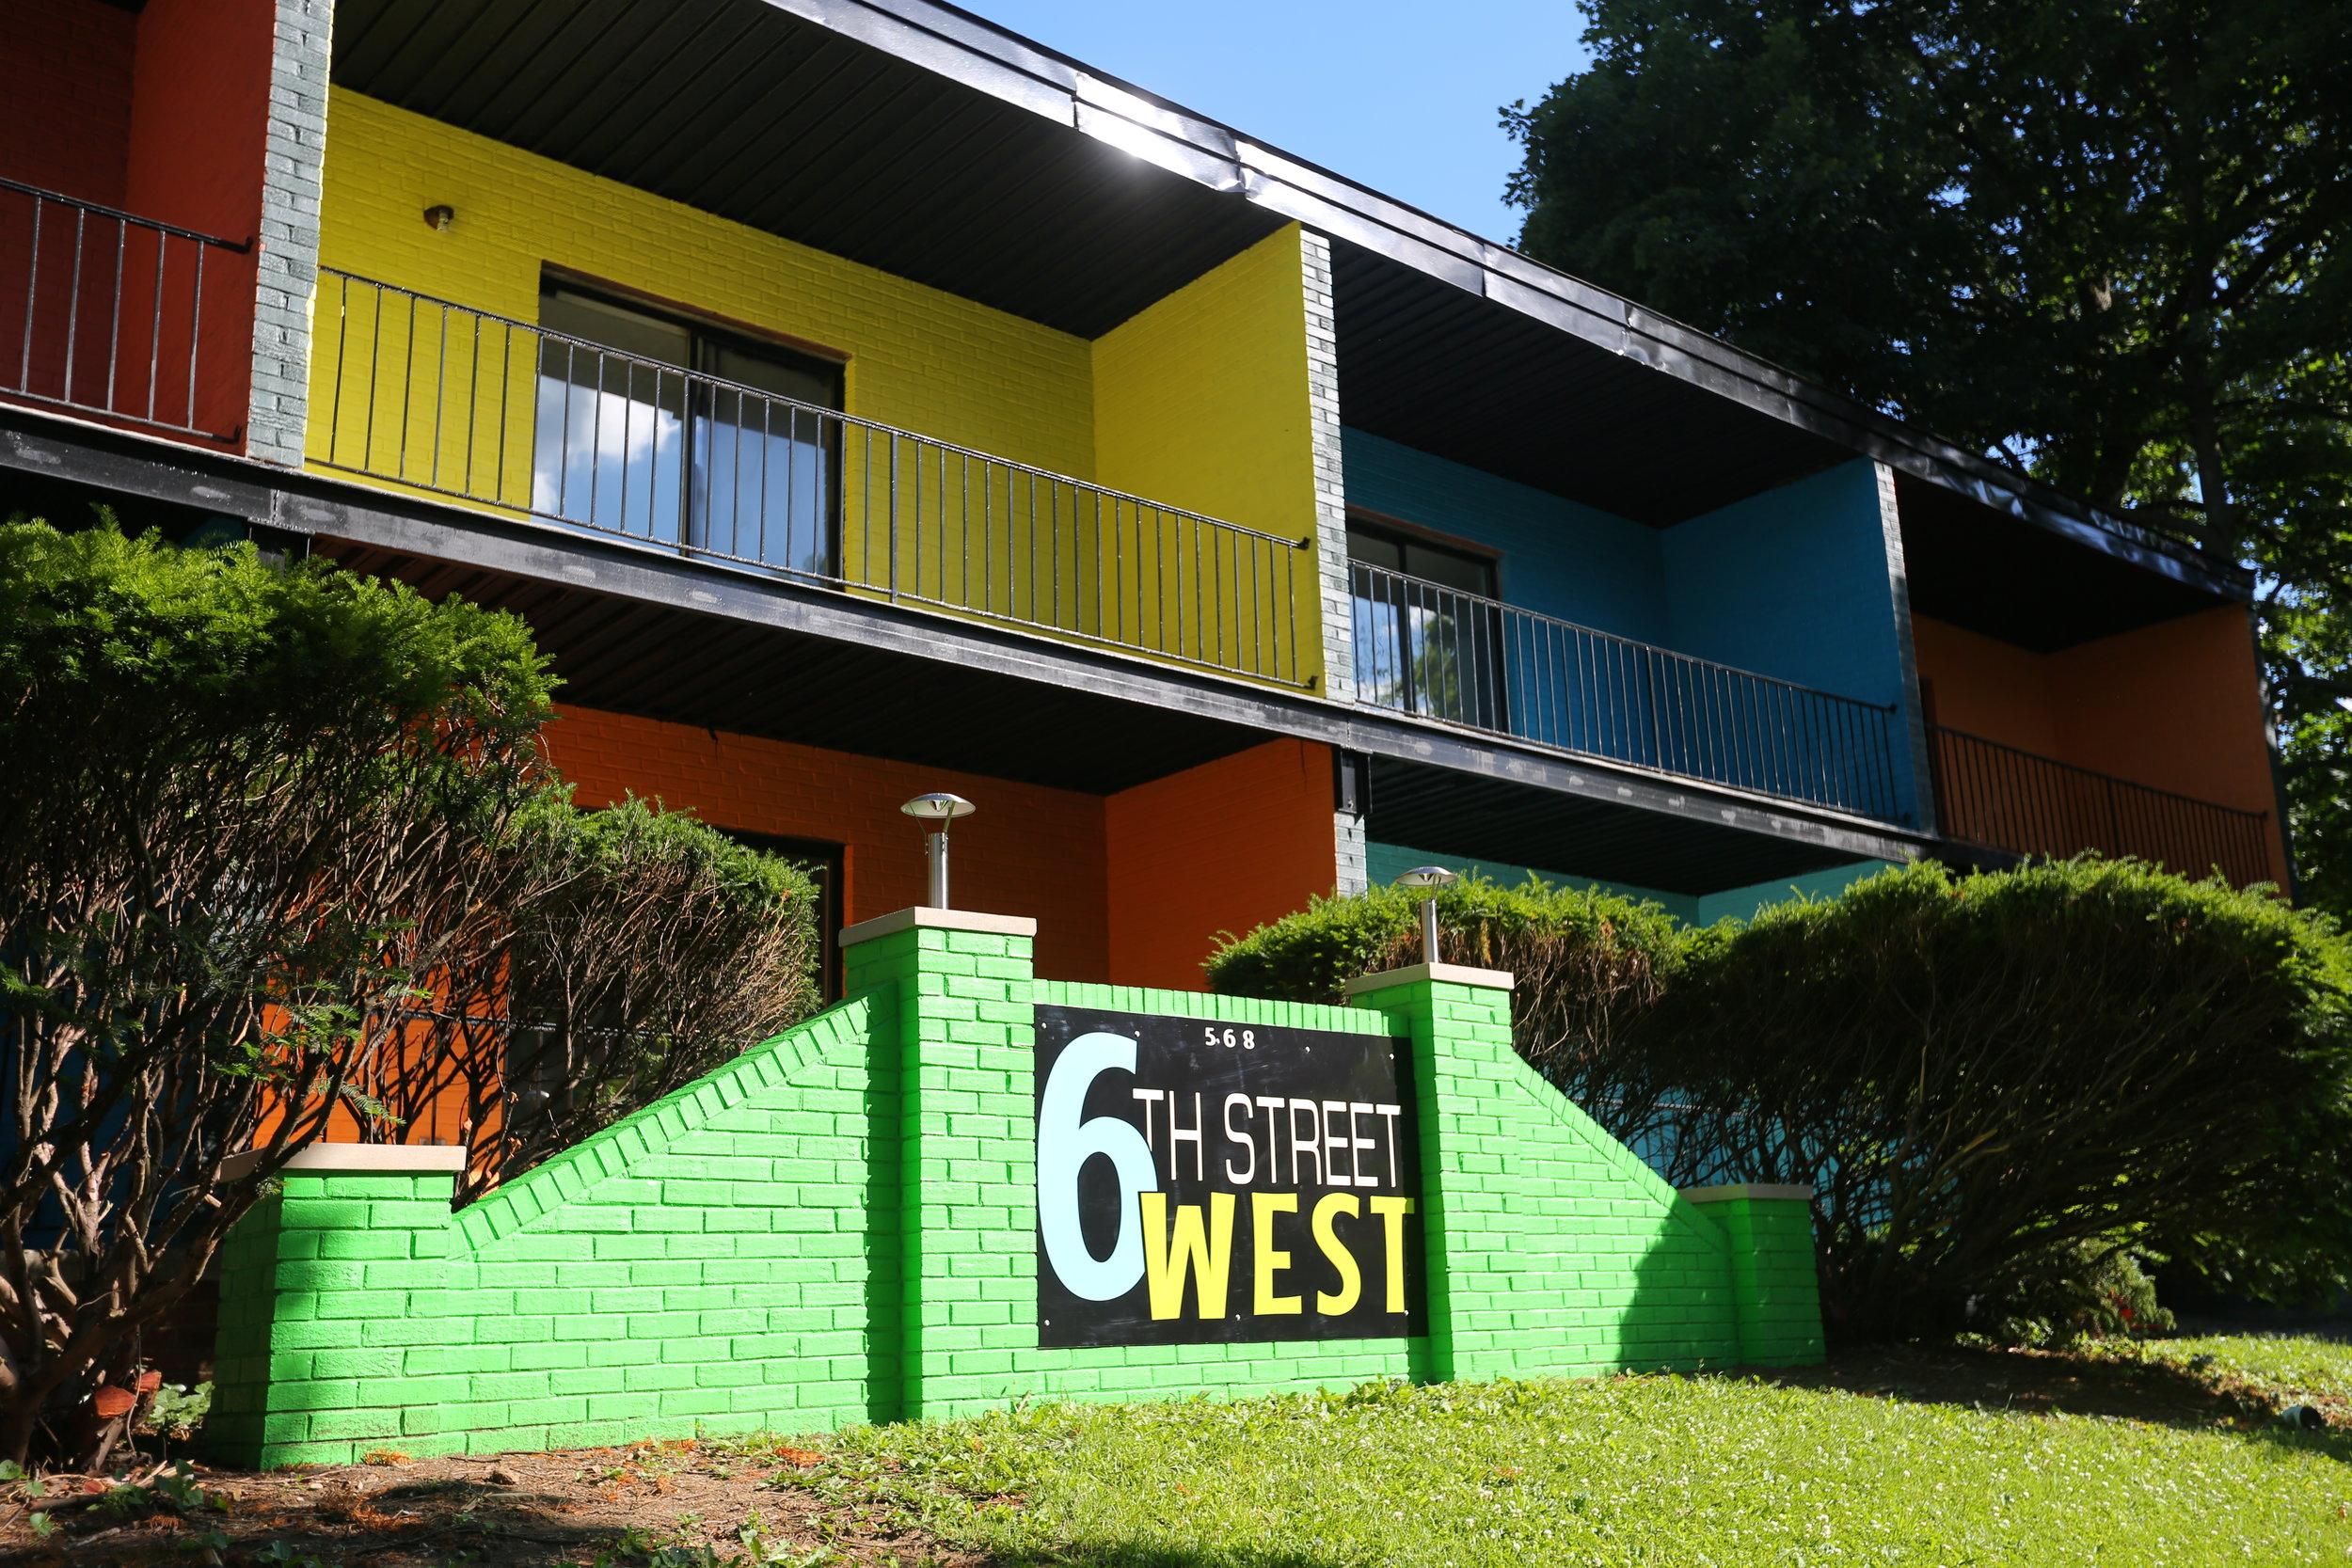 Sixth Street West -